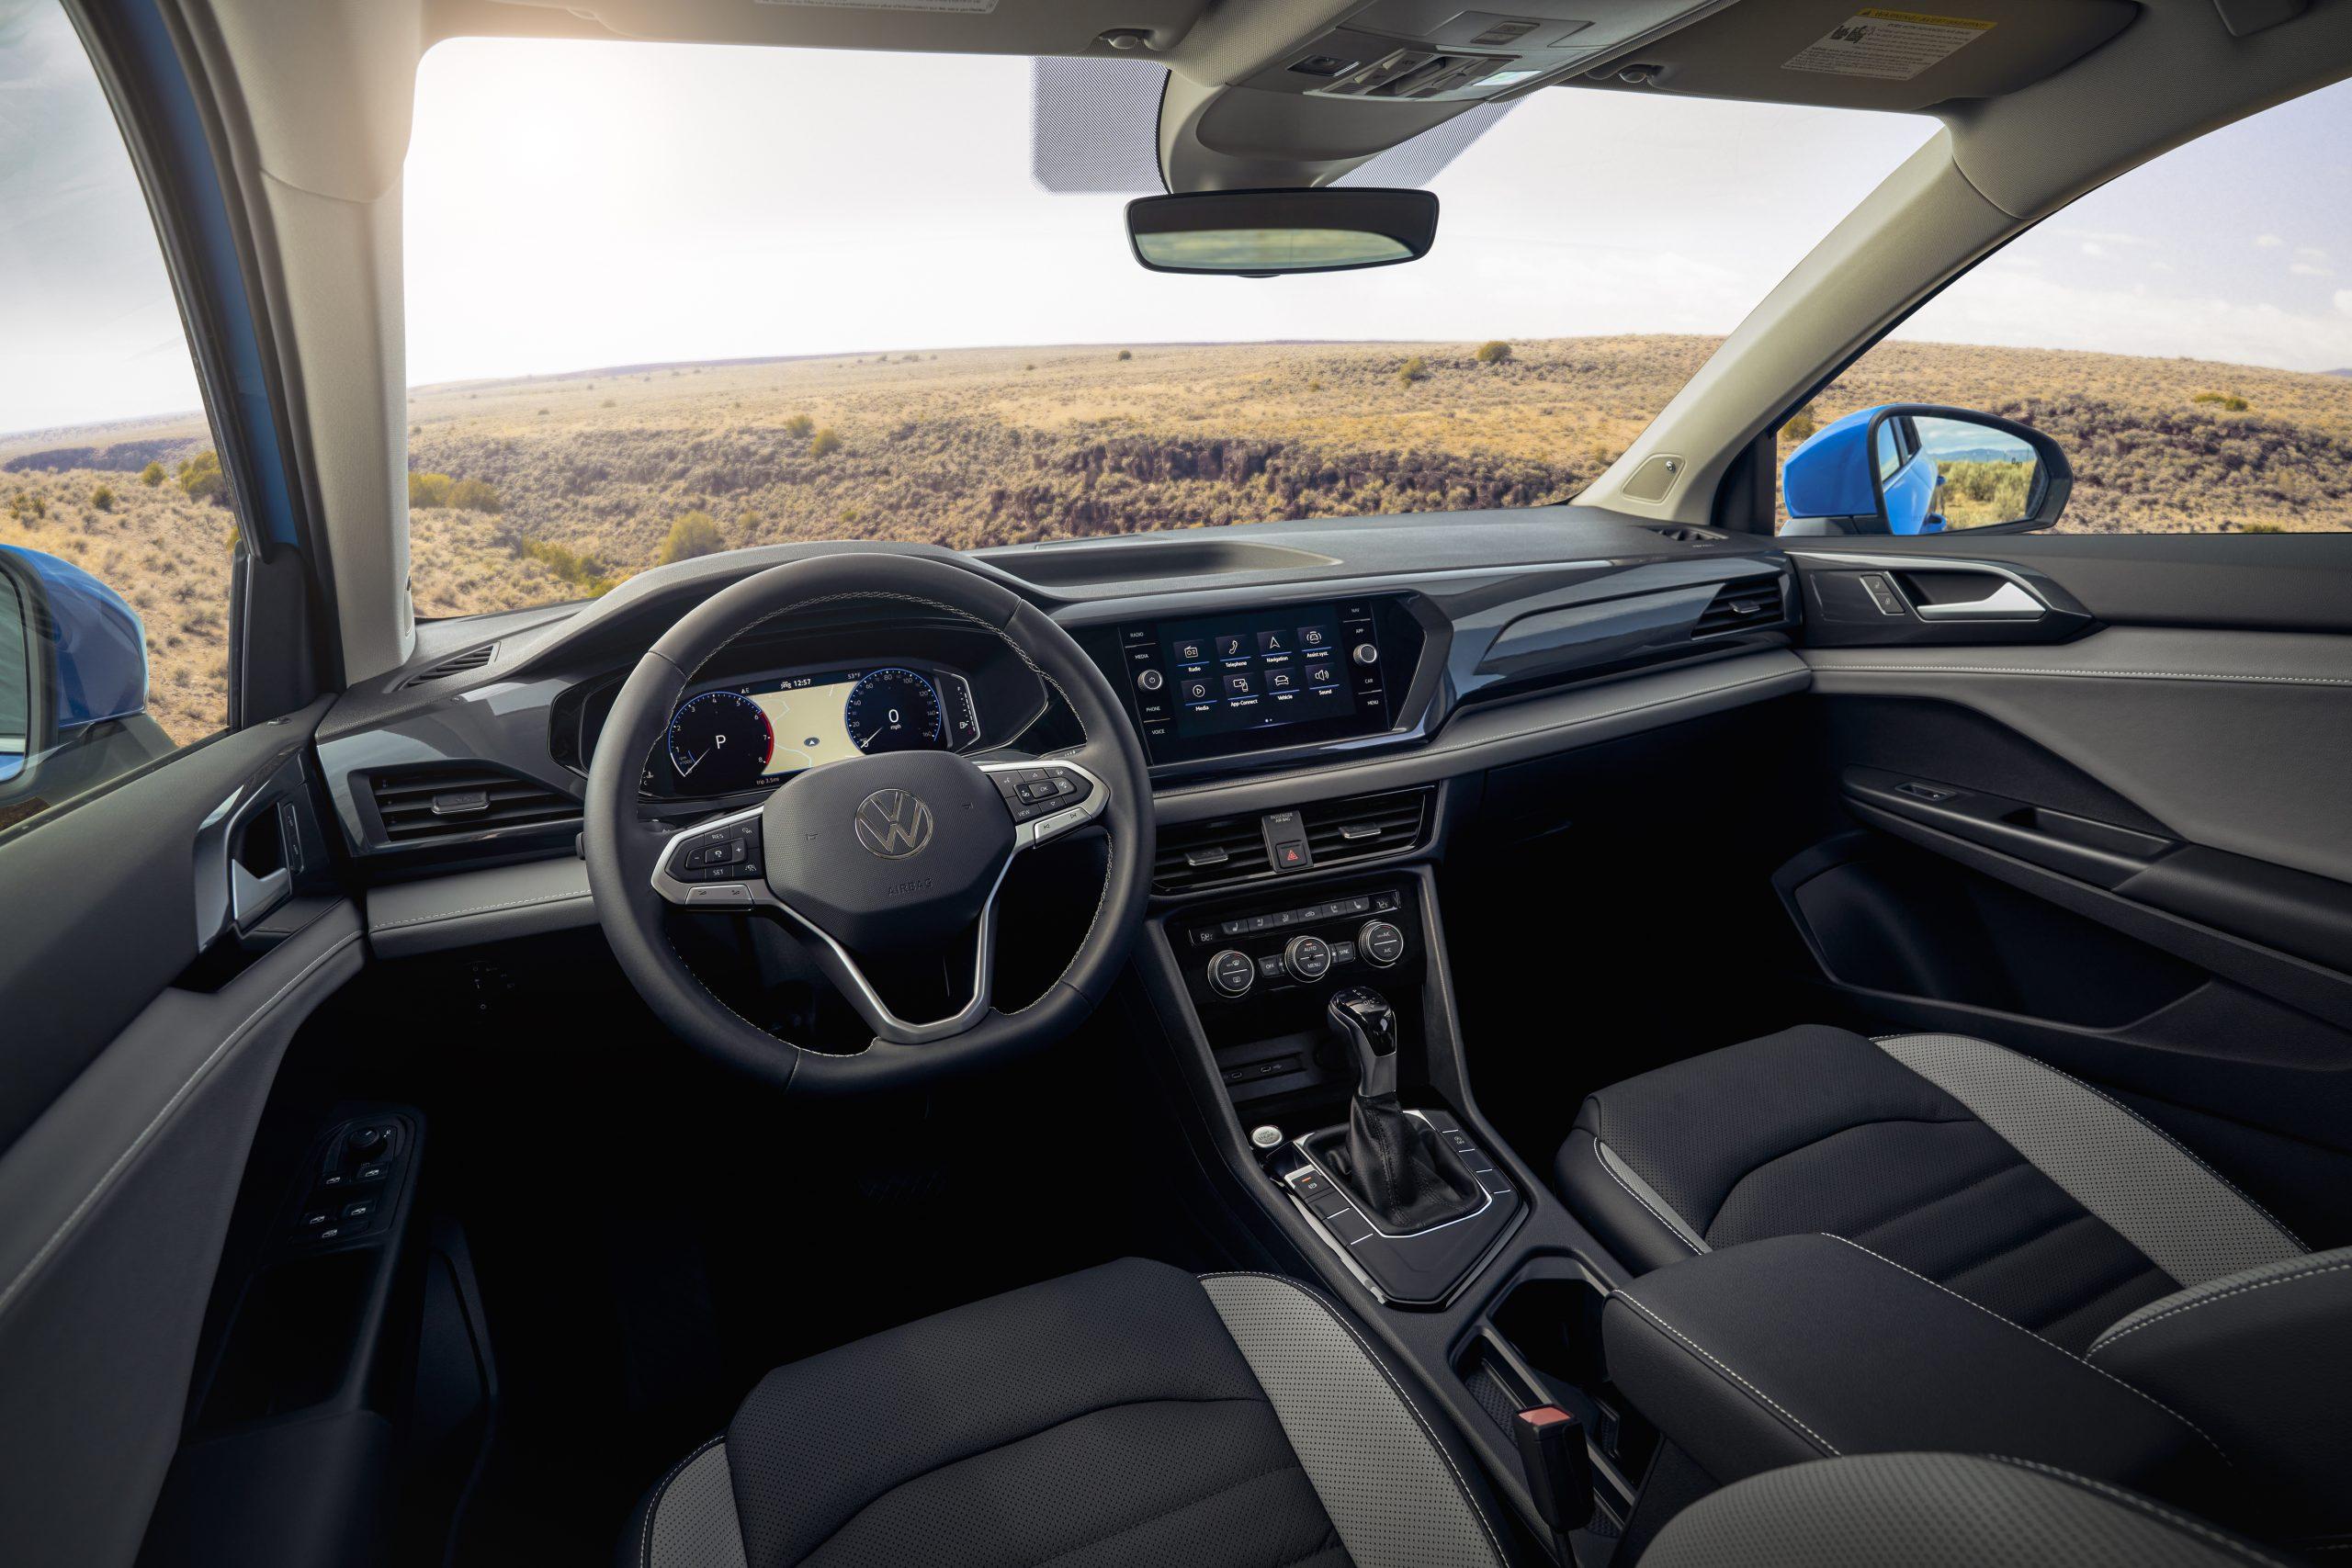 2022 Volkswagen Taos front interior